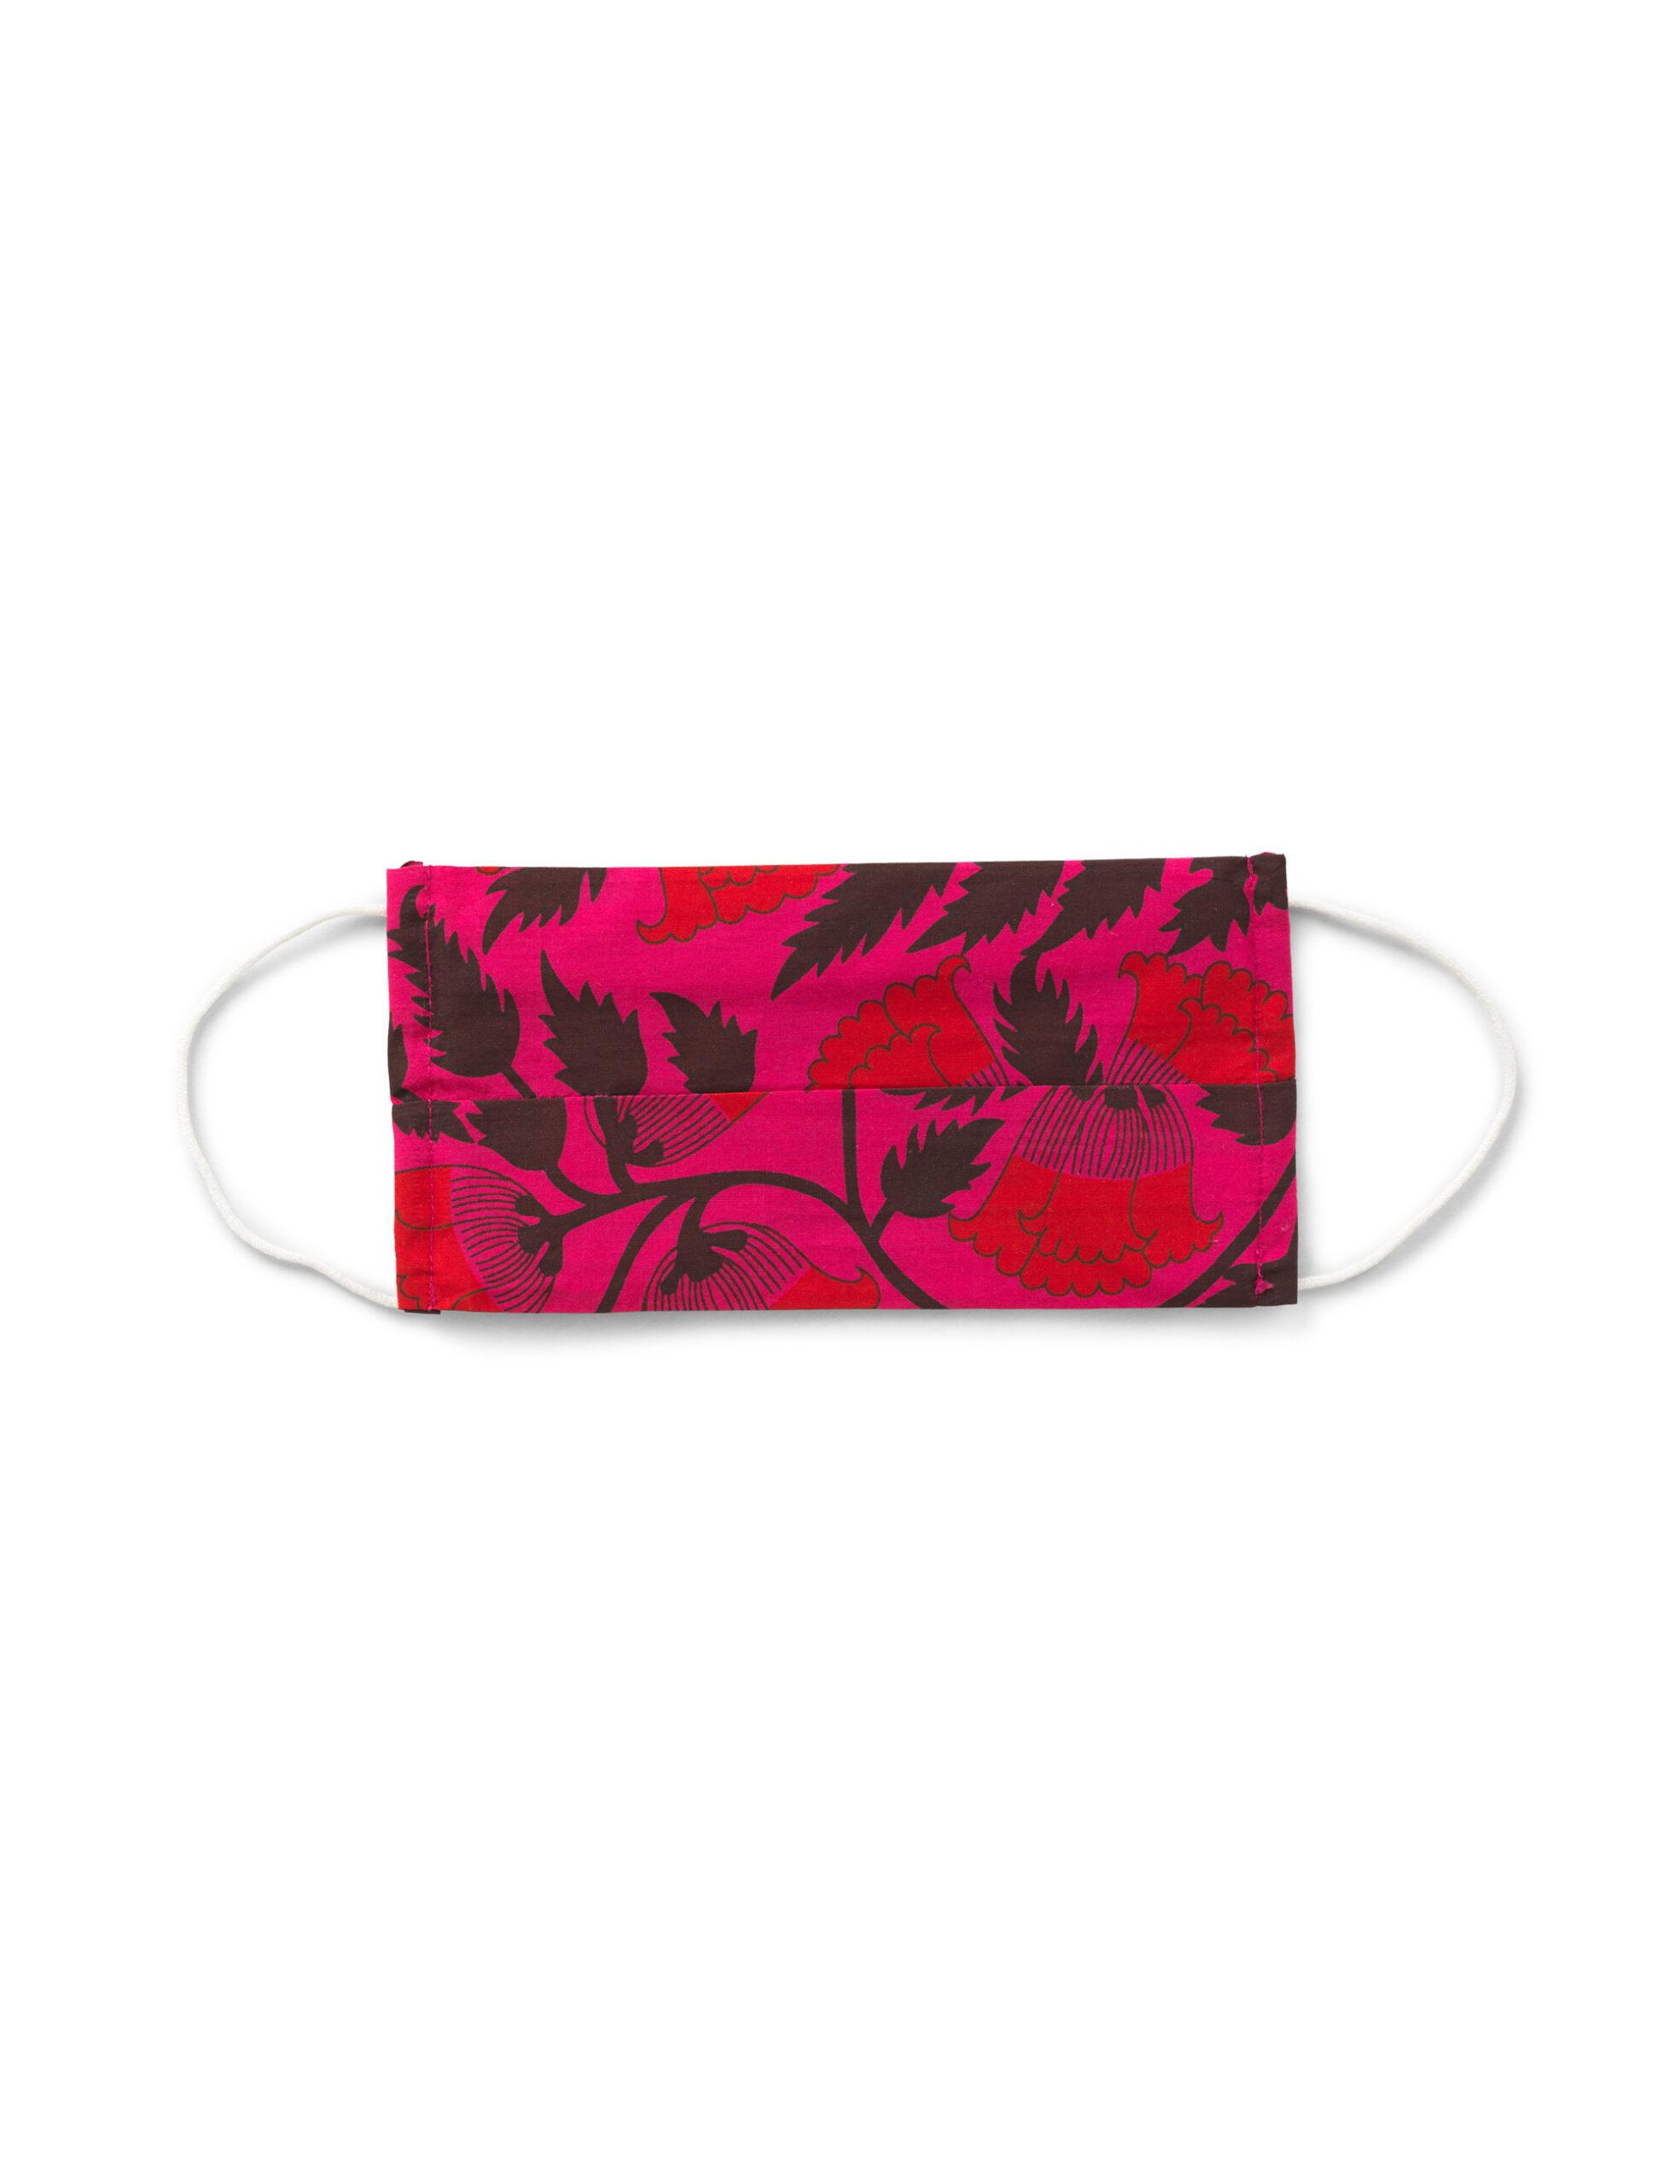 Mundbind – Pink flower